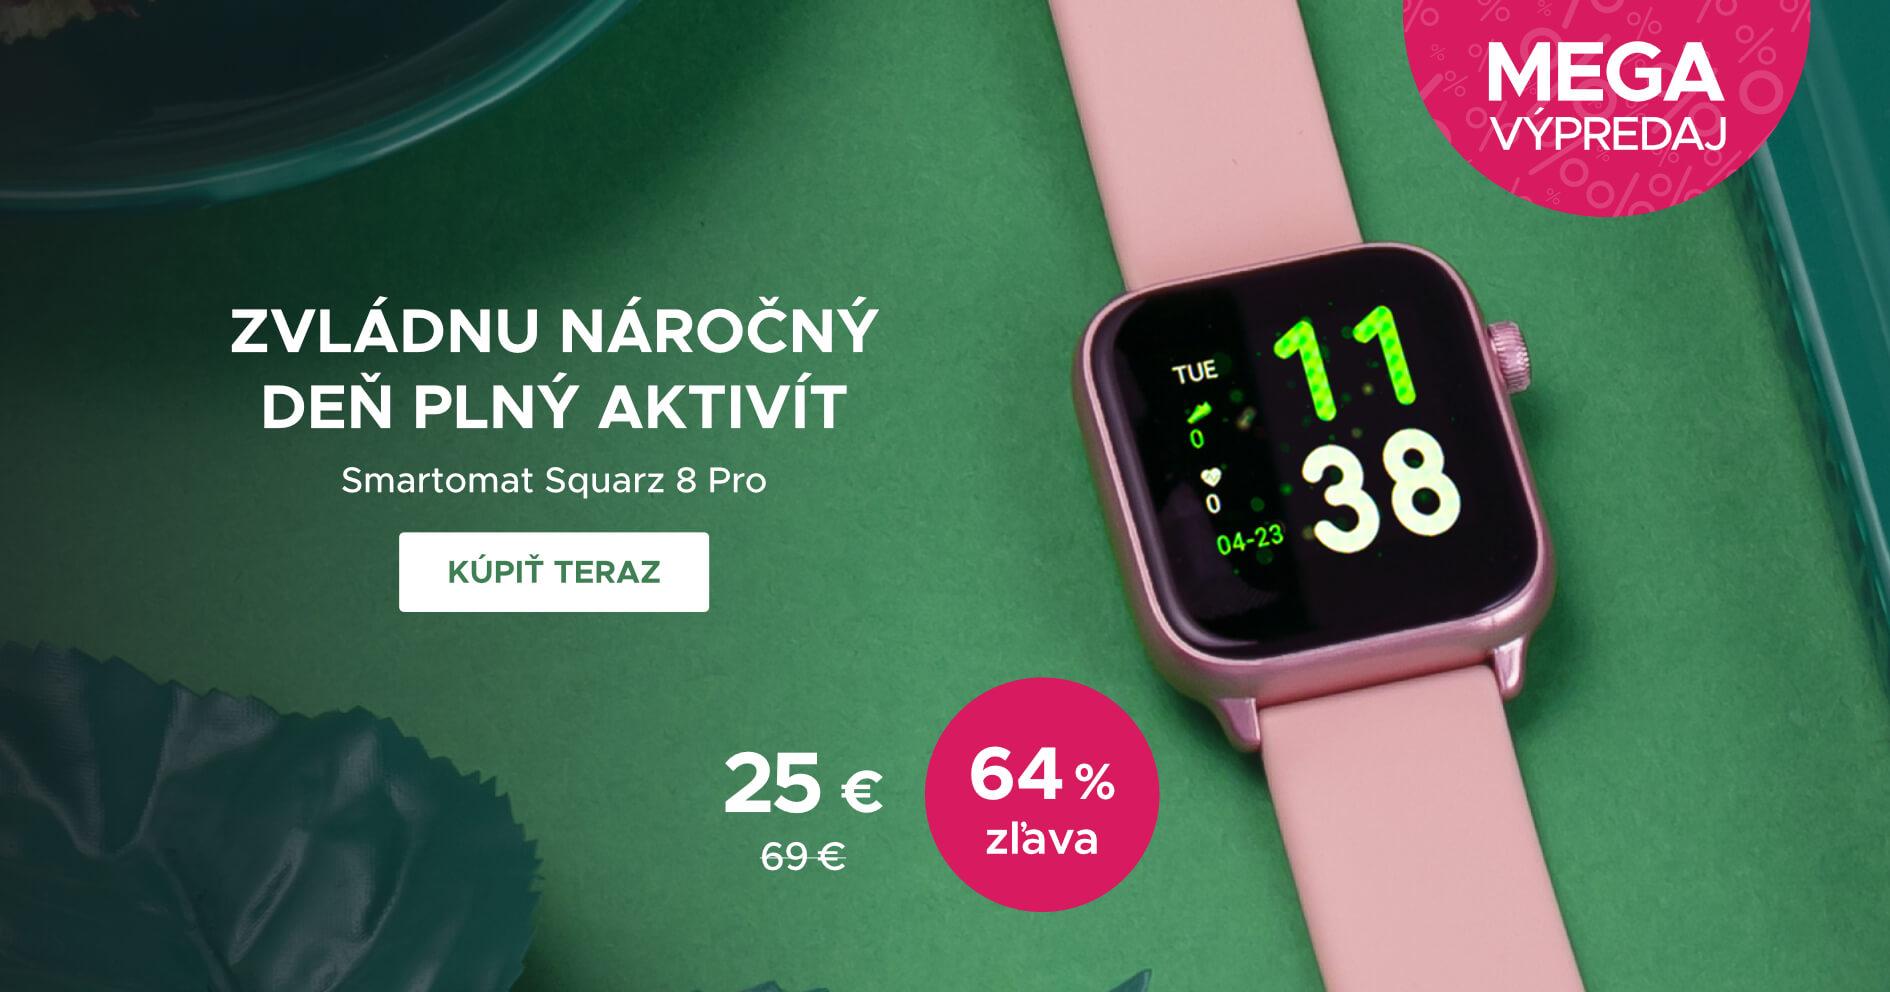 MEGA VÝPRODEJ: Smartomat Squarz 8 Pro růžová